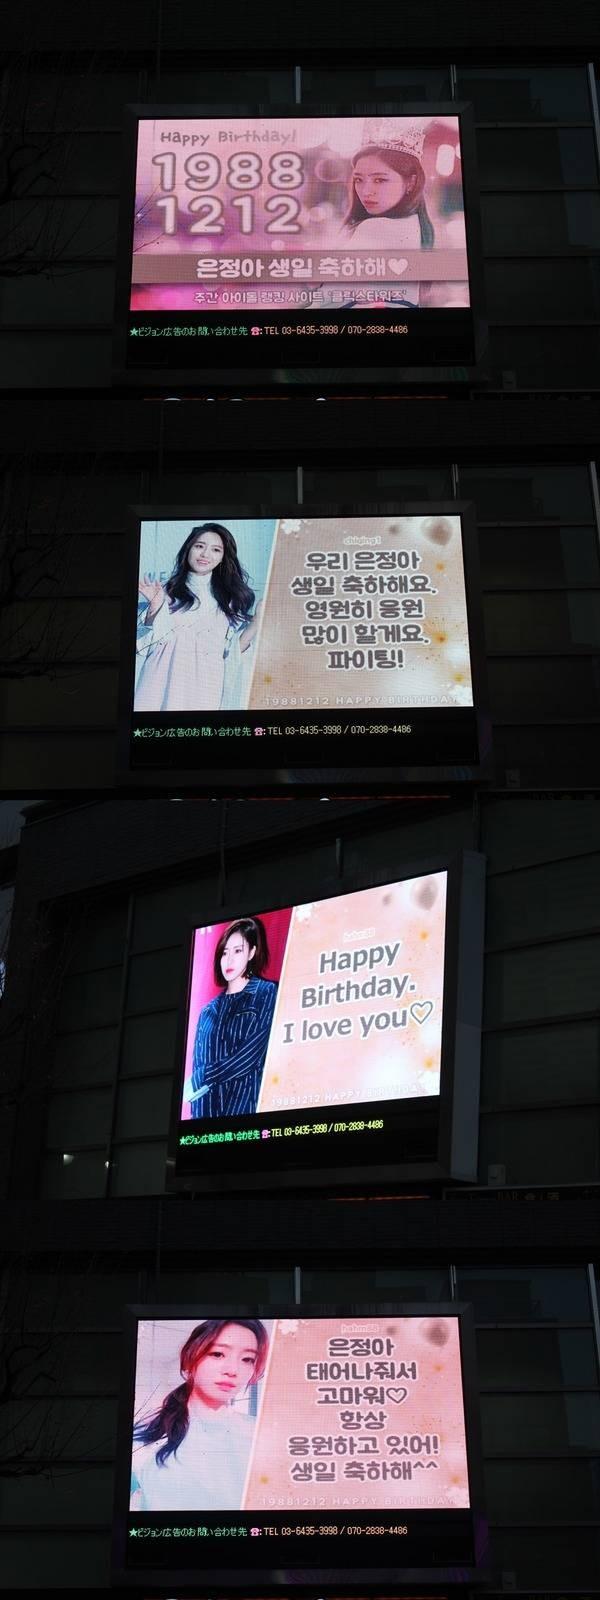 """티아라 은정, 생일 맞아 팬마음 담은 韓·日 전광판 """"축하해"""""""